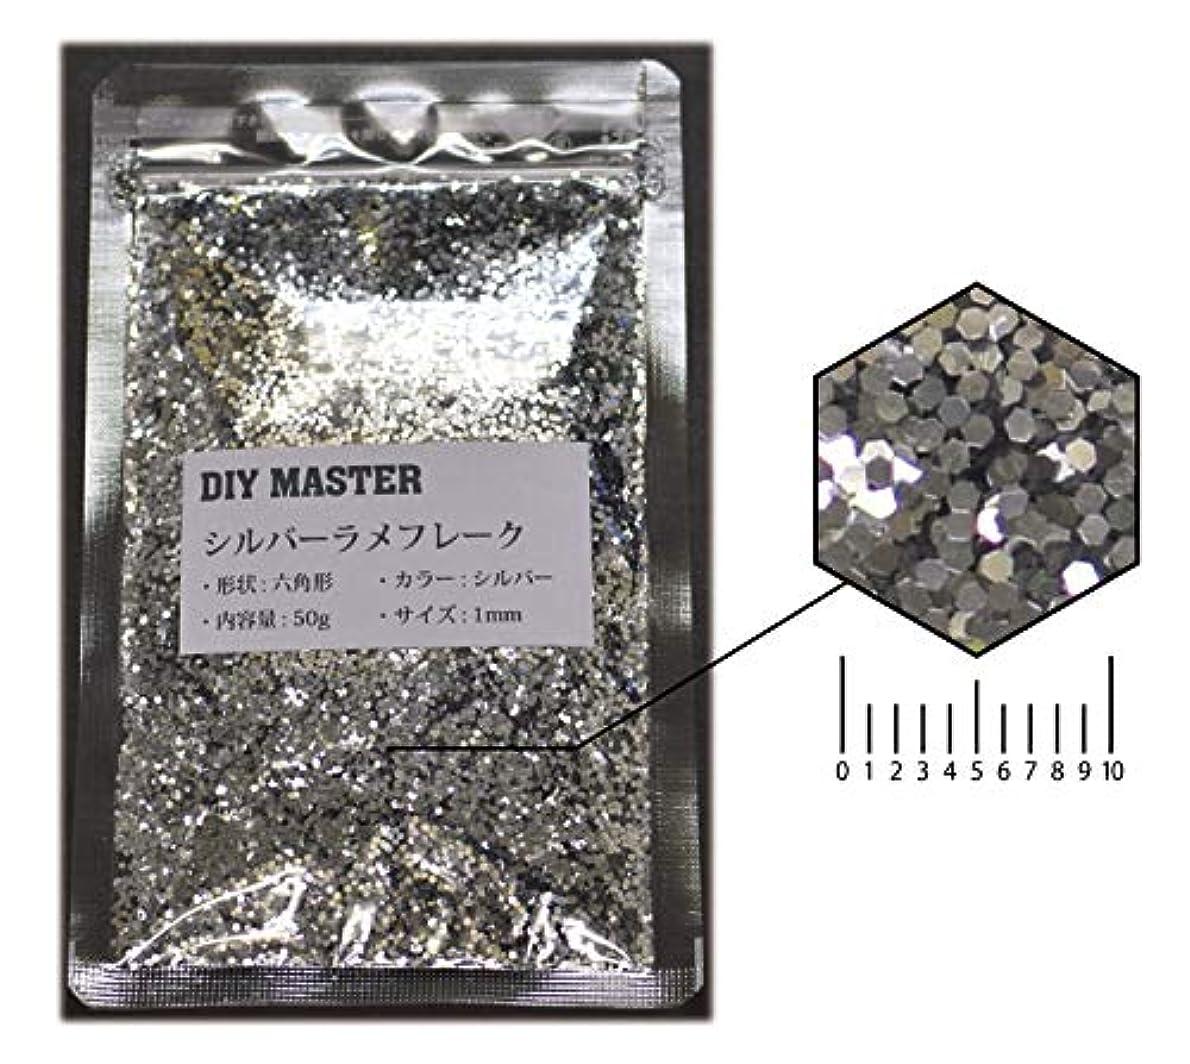 関与する騒々しい略すDIY MASTER シルバー ラメフレーク 1mm 50g